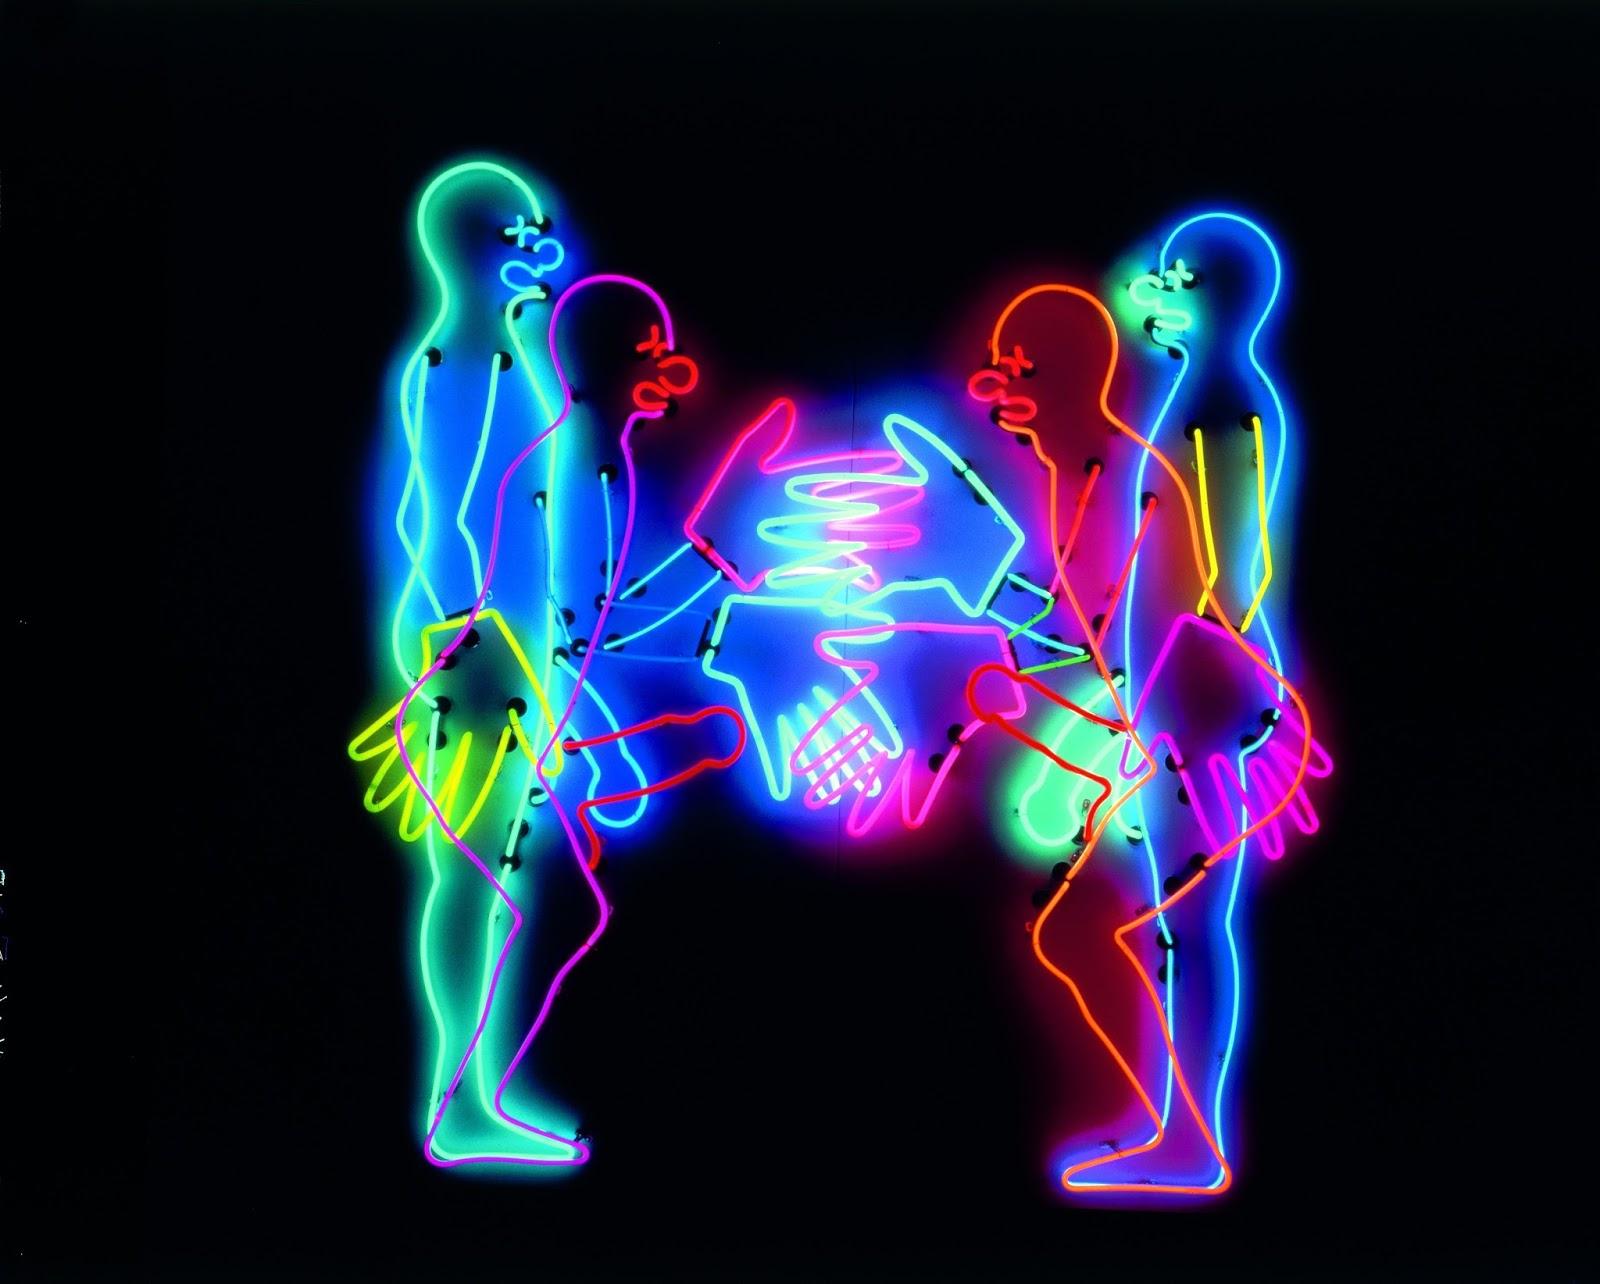 News letter les clowns les artistes font leur cirque for Neon artiste contemporain